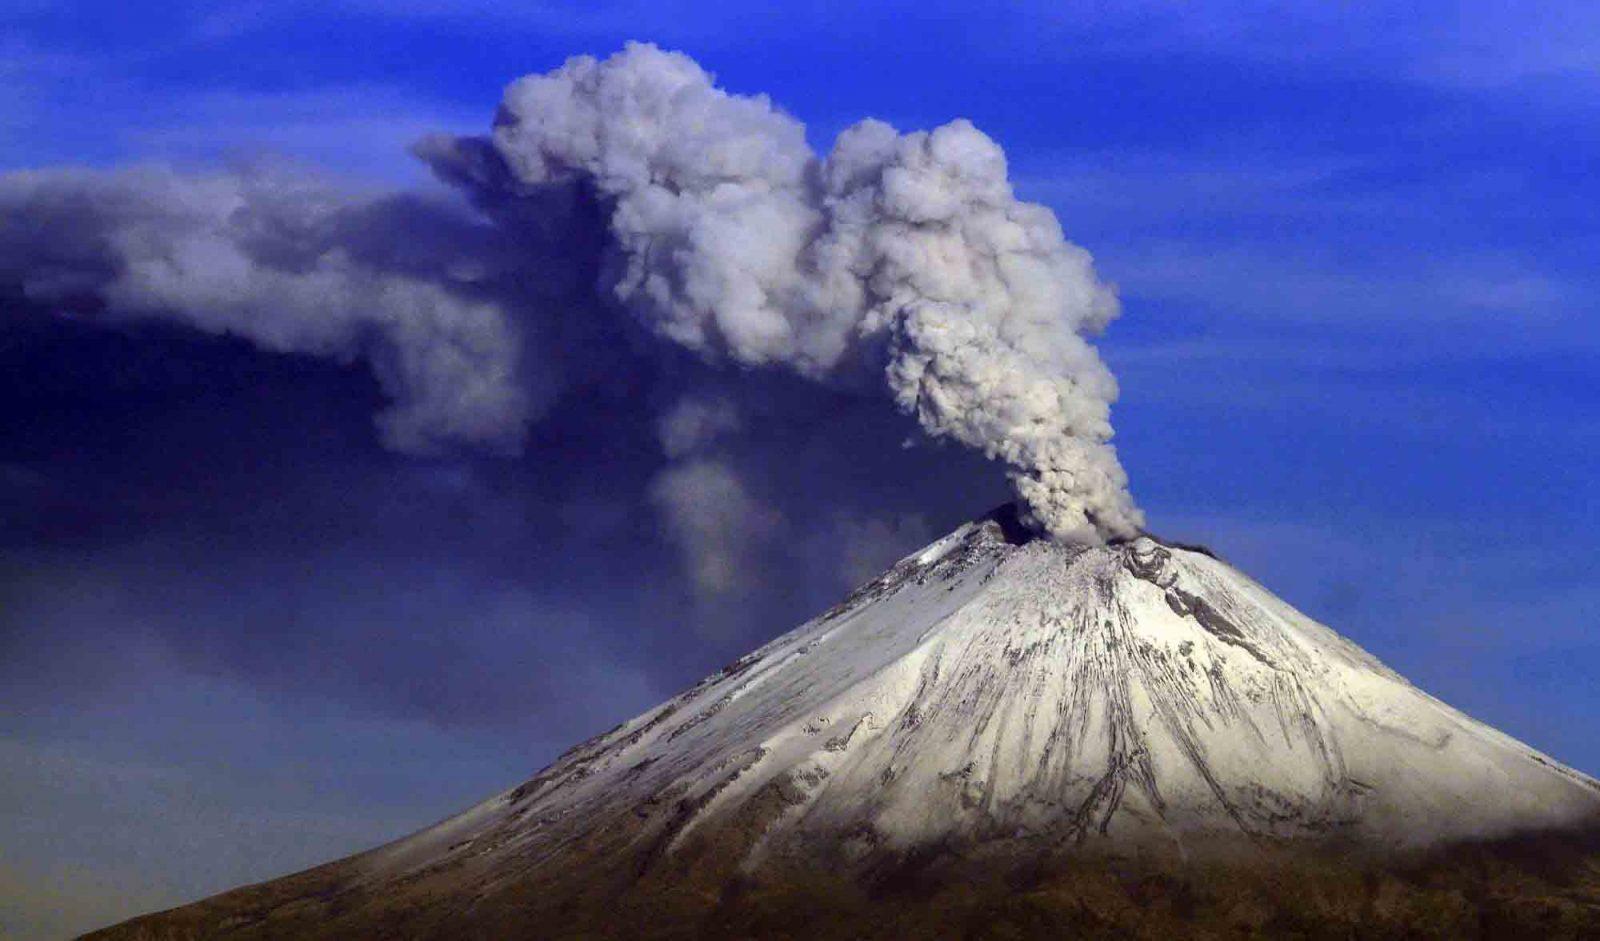 volkanik gaz nedir, volkanik gazlar neler, volkanik gaz oluşumu